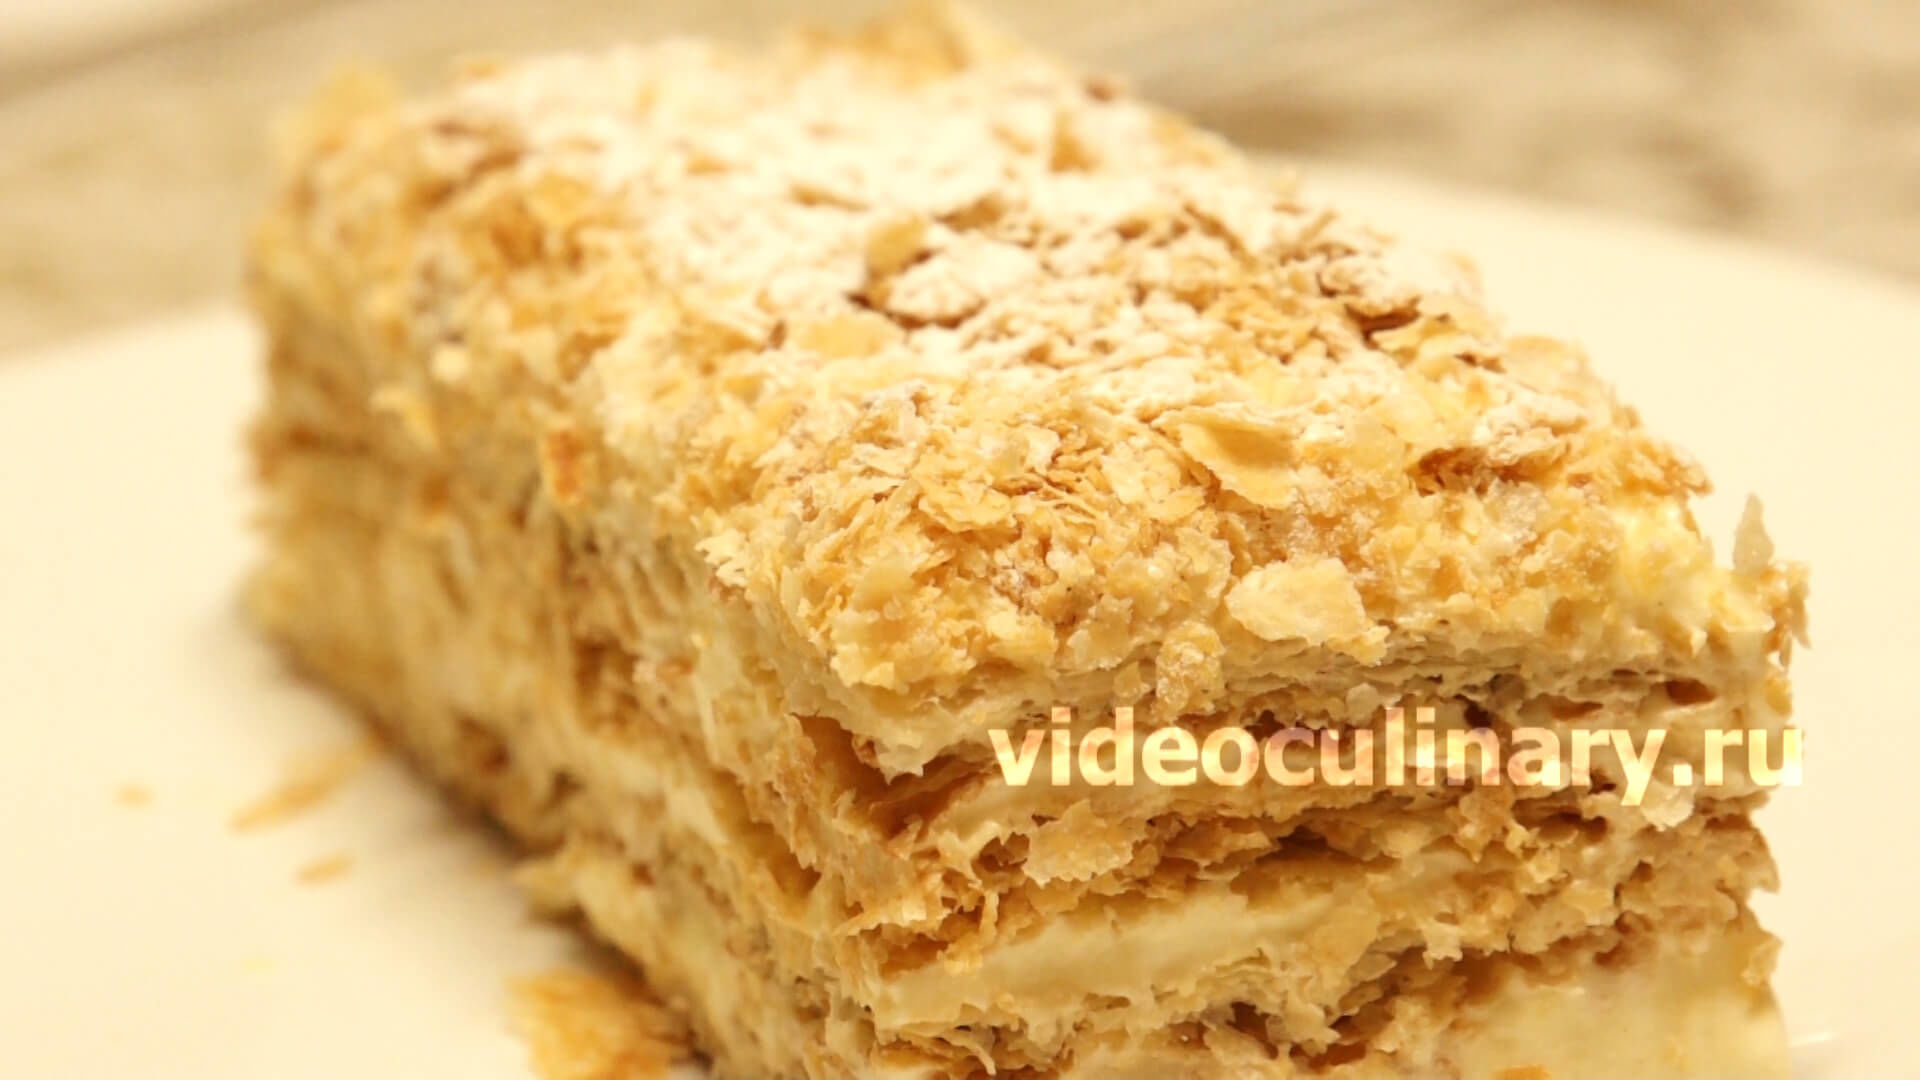 Рецепт вкусного торта пошаговый 11